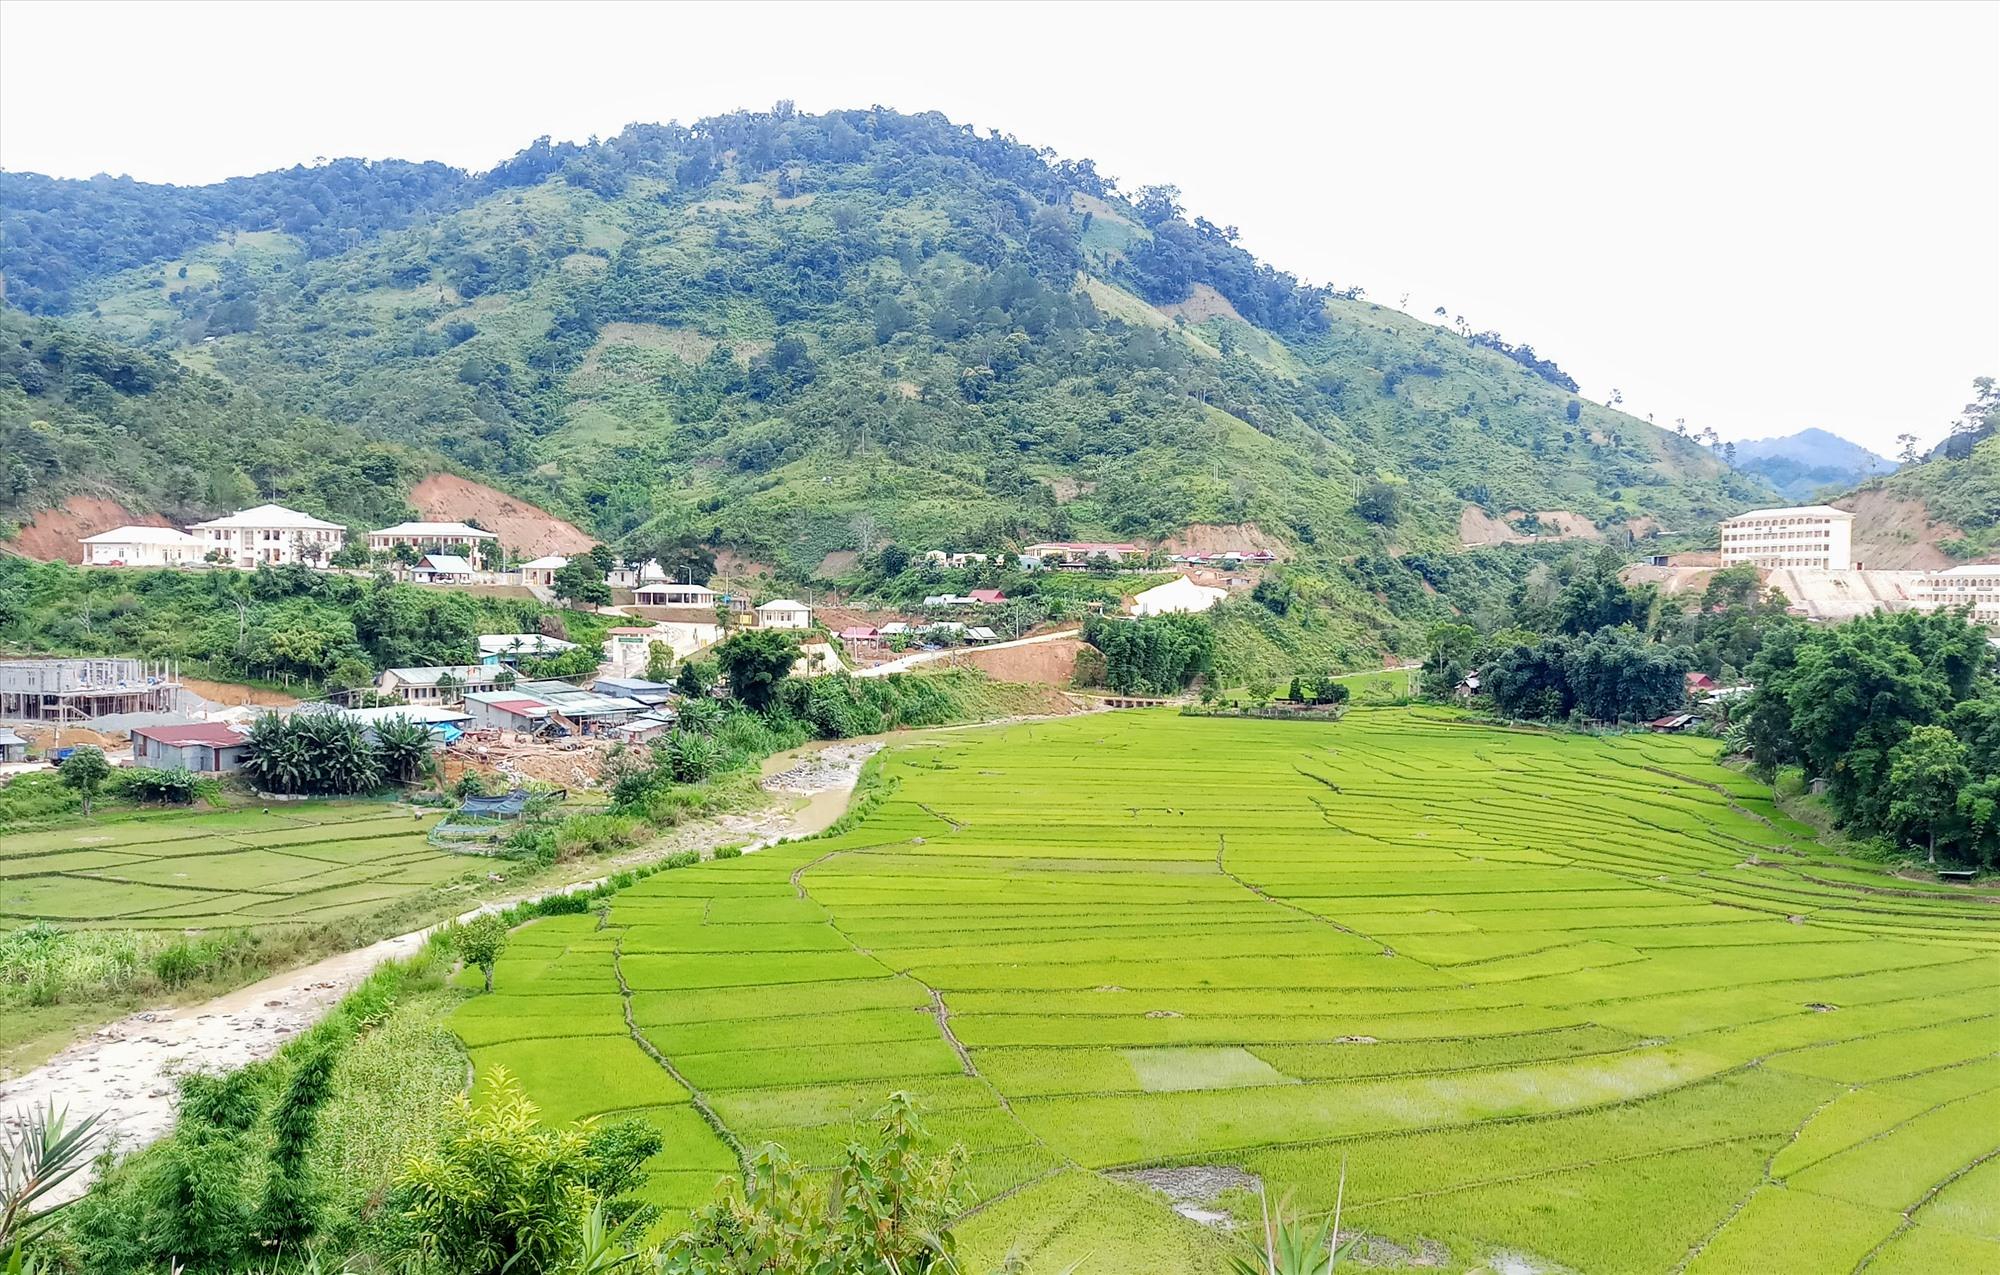 Từ nguồn vốn đầu tư xây dựng cơ bản hơn 187 tỷ đồng, Tây Giang phân bổ triển khai thực hiện 150 dự án công trình phát triển kinh tế - xã hội. Ảnh: A.N